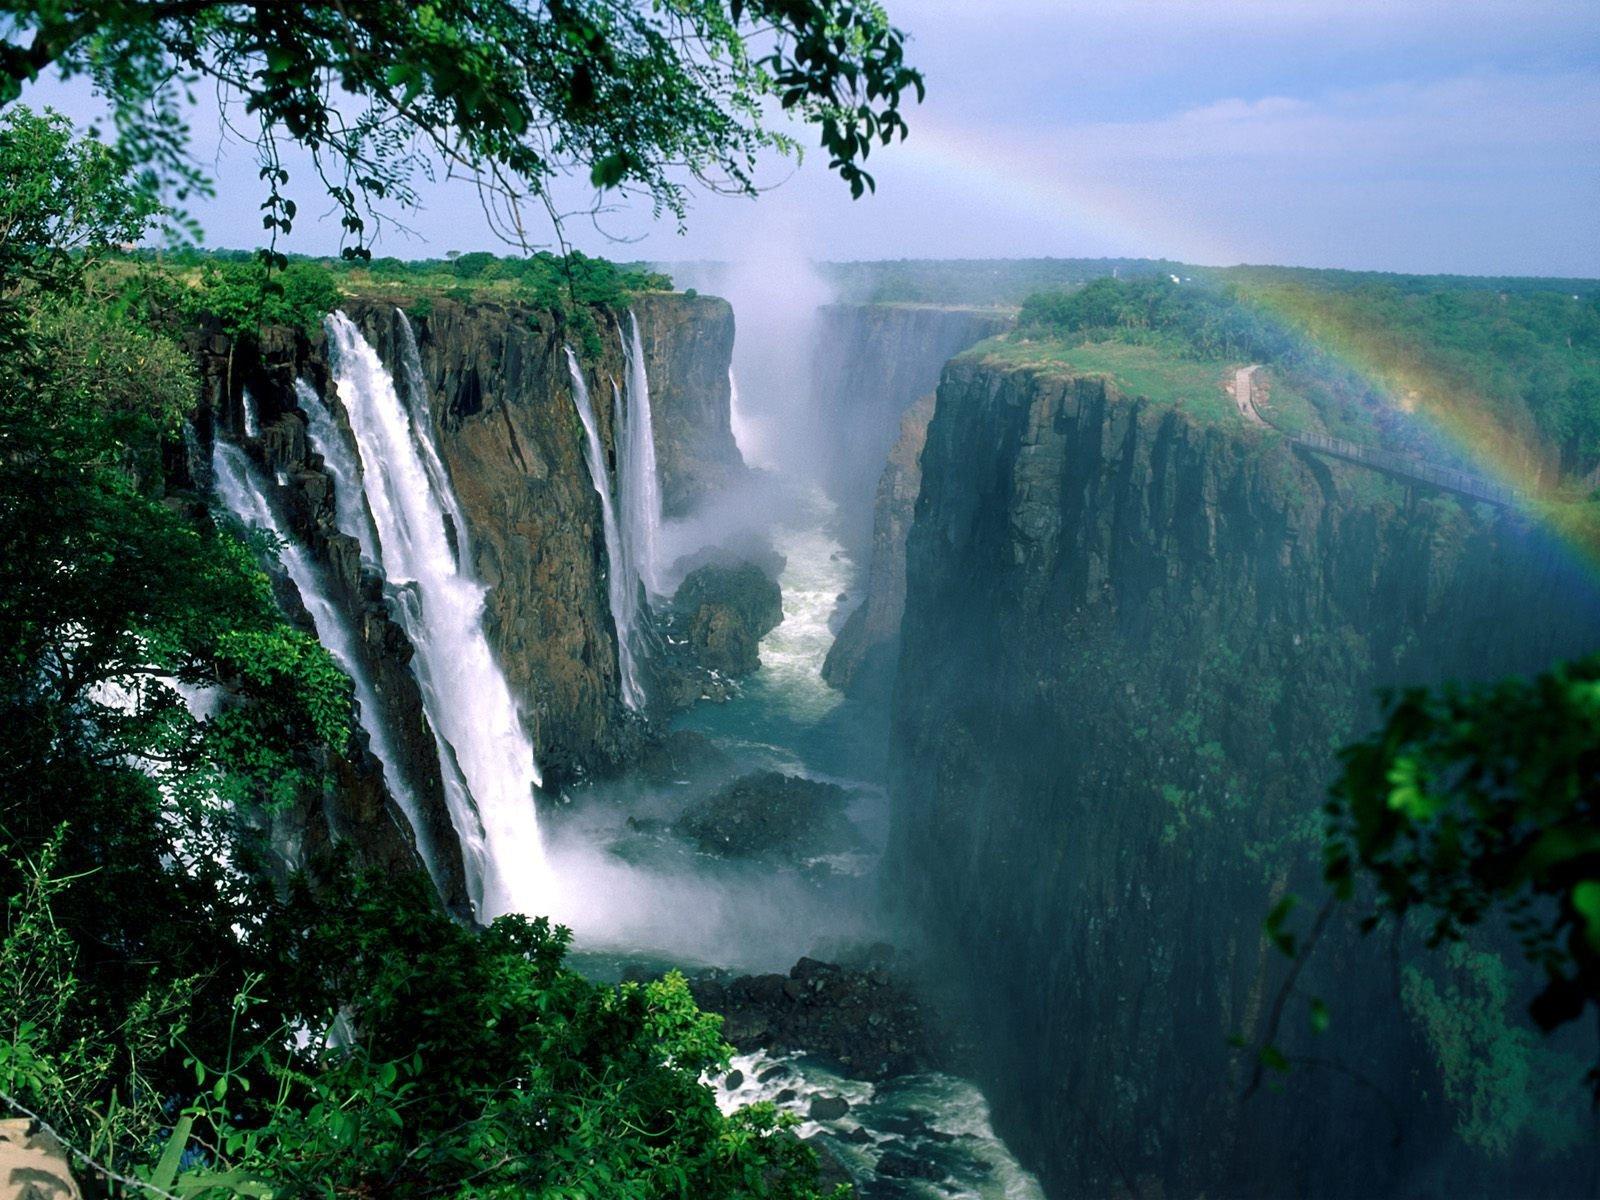 Angel Falls Wallpapers Desktop Victoria Falls Rainbow Fond D 233 Cran And Arri 232 Re Plan